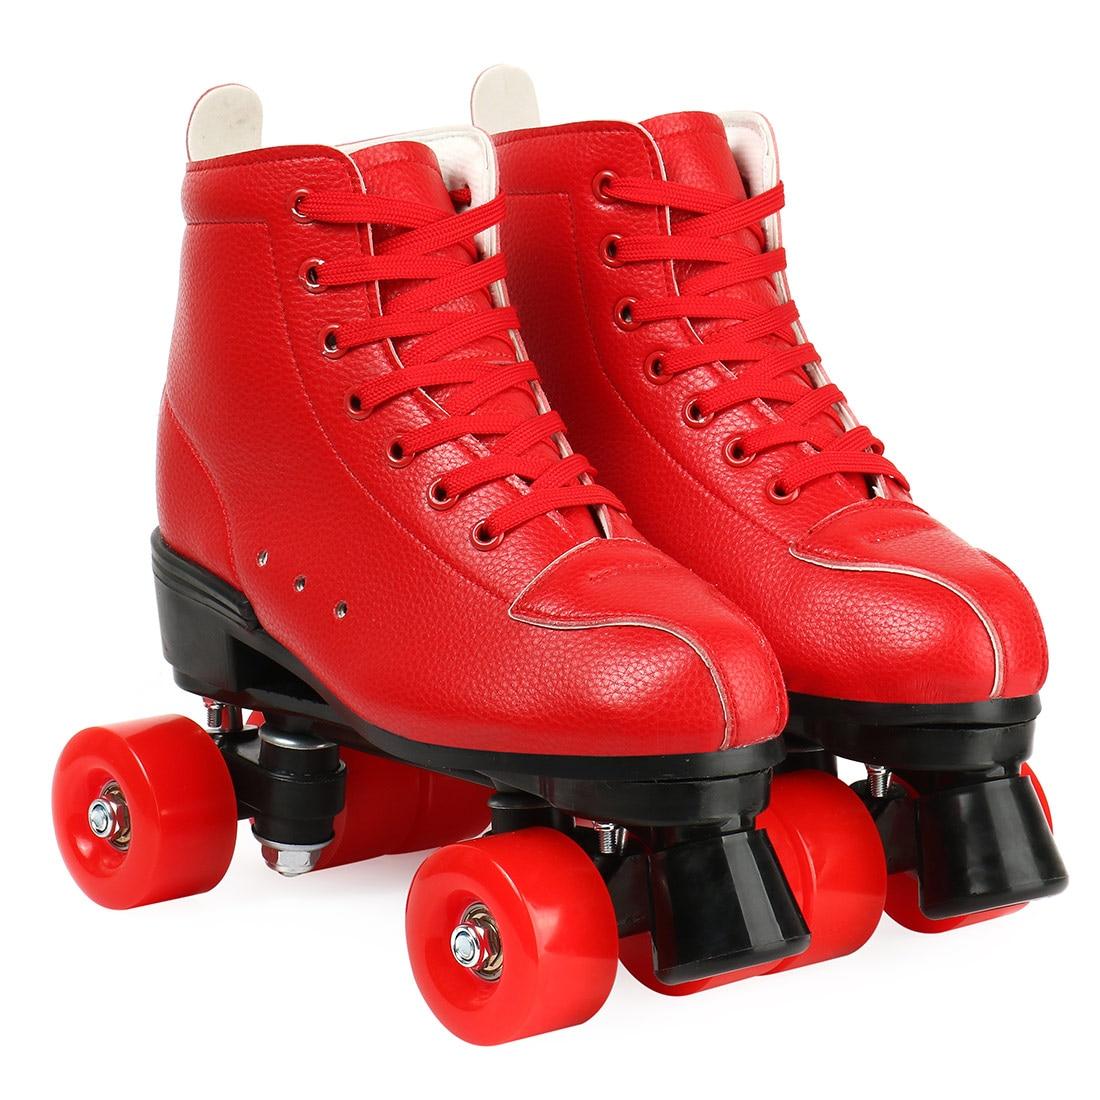 2021 Color Microfiber Roller 4 Wheels Skates